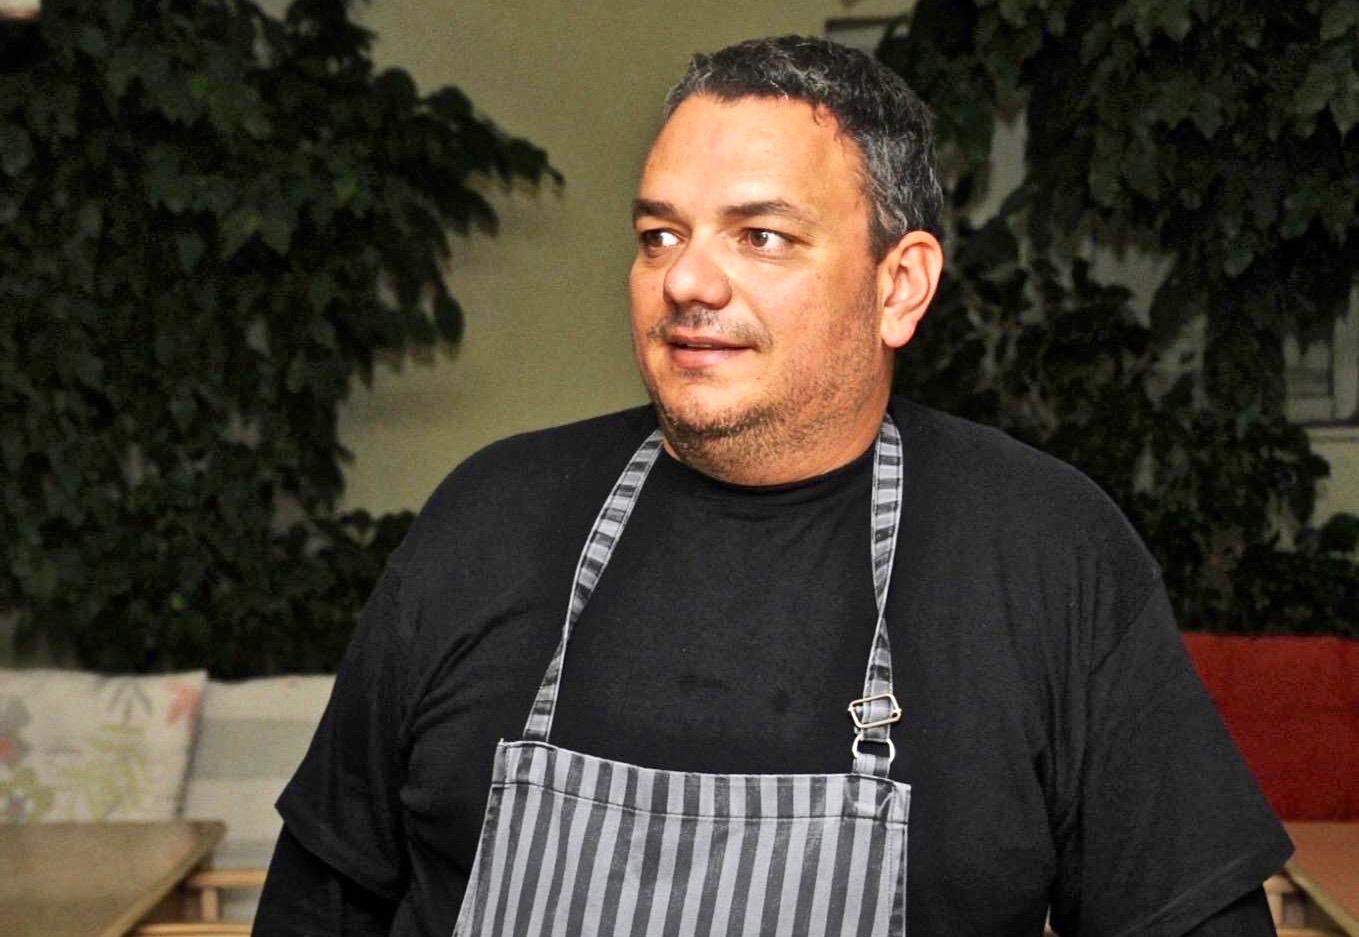 Αντώνης Ψάλτης - ο αθόρυβος ηγέτης - Greek Gastronomy Guide